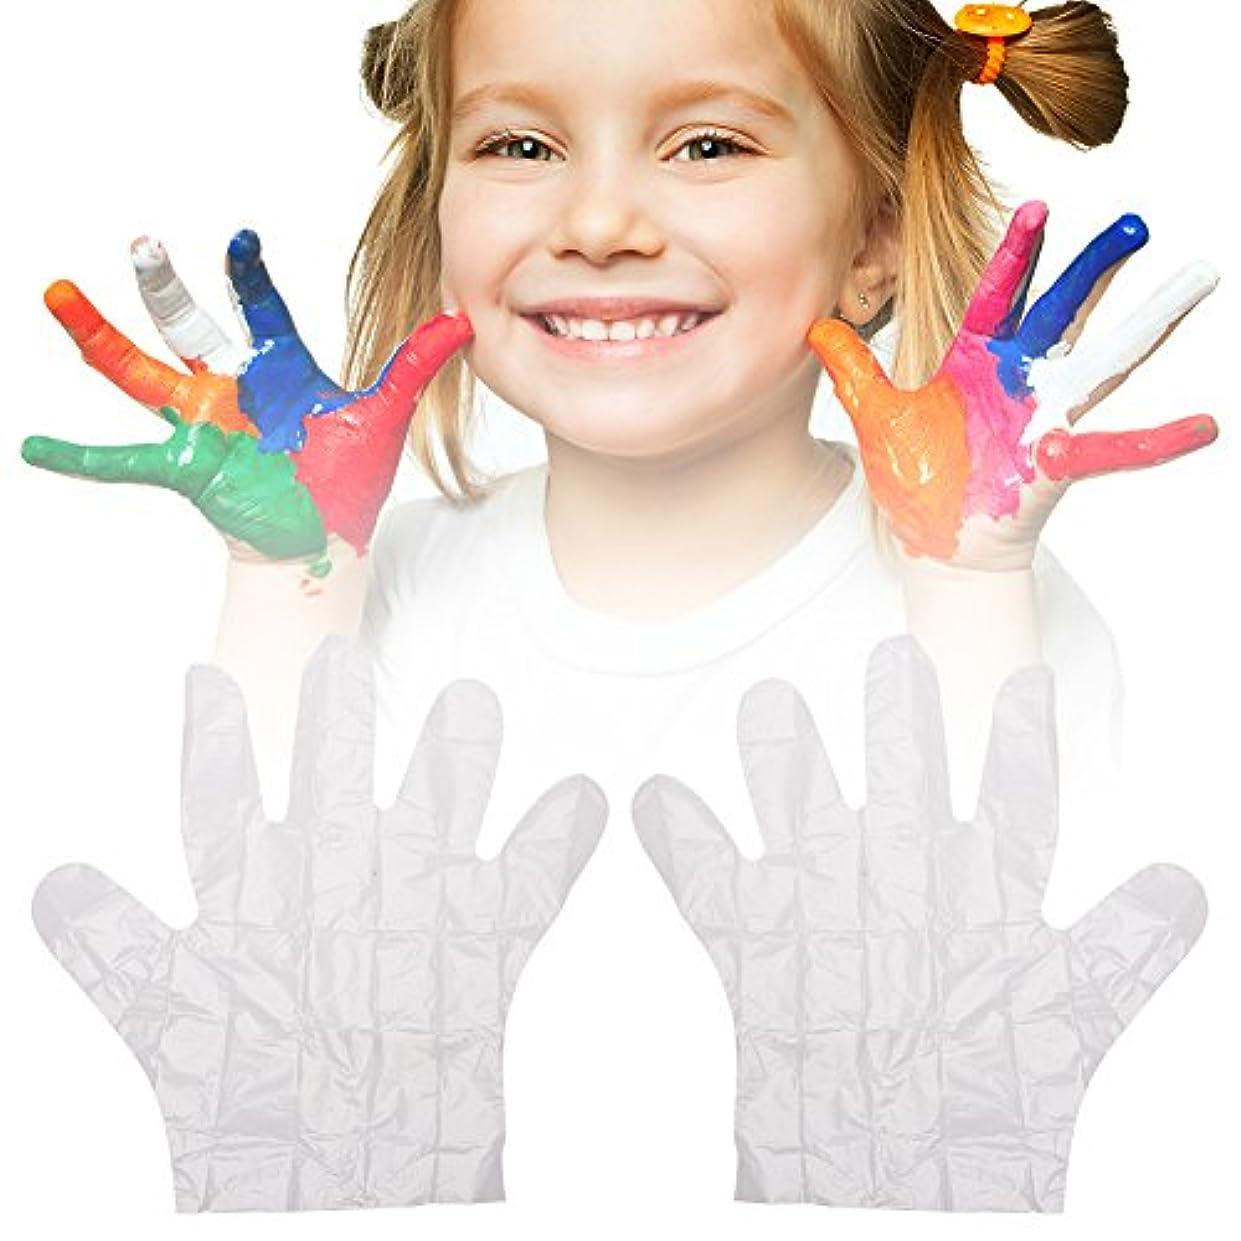 またブランド名アラーム卓仕朗 手袋使い捨て 子供用 使い捨て手袋 キッズ専用 食品 調理 キッチン用品 透明 手袋 200枚